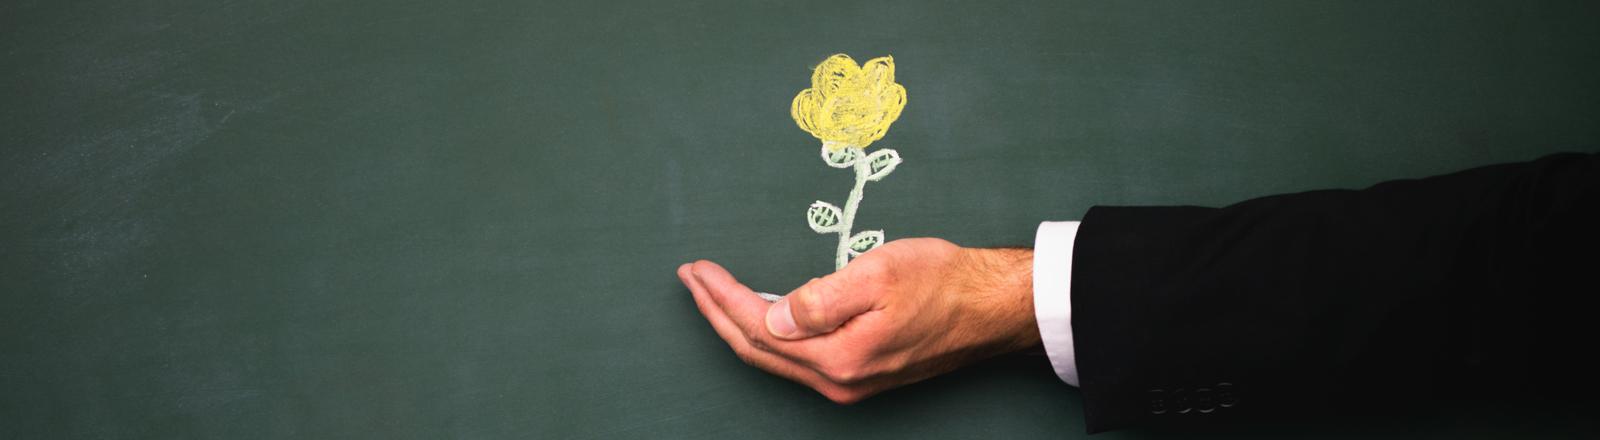 Aus einer Hand wächst eine Blume.